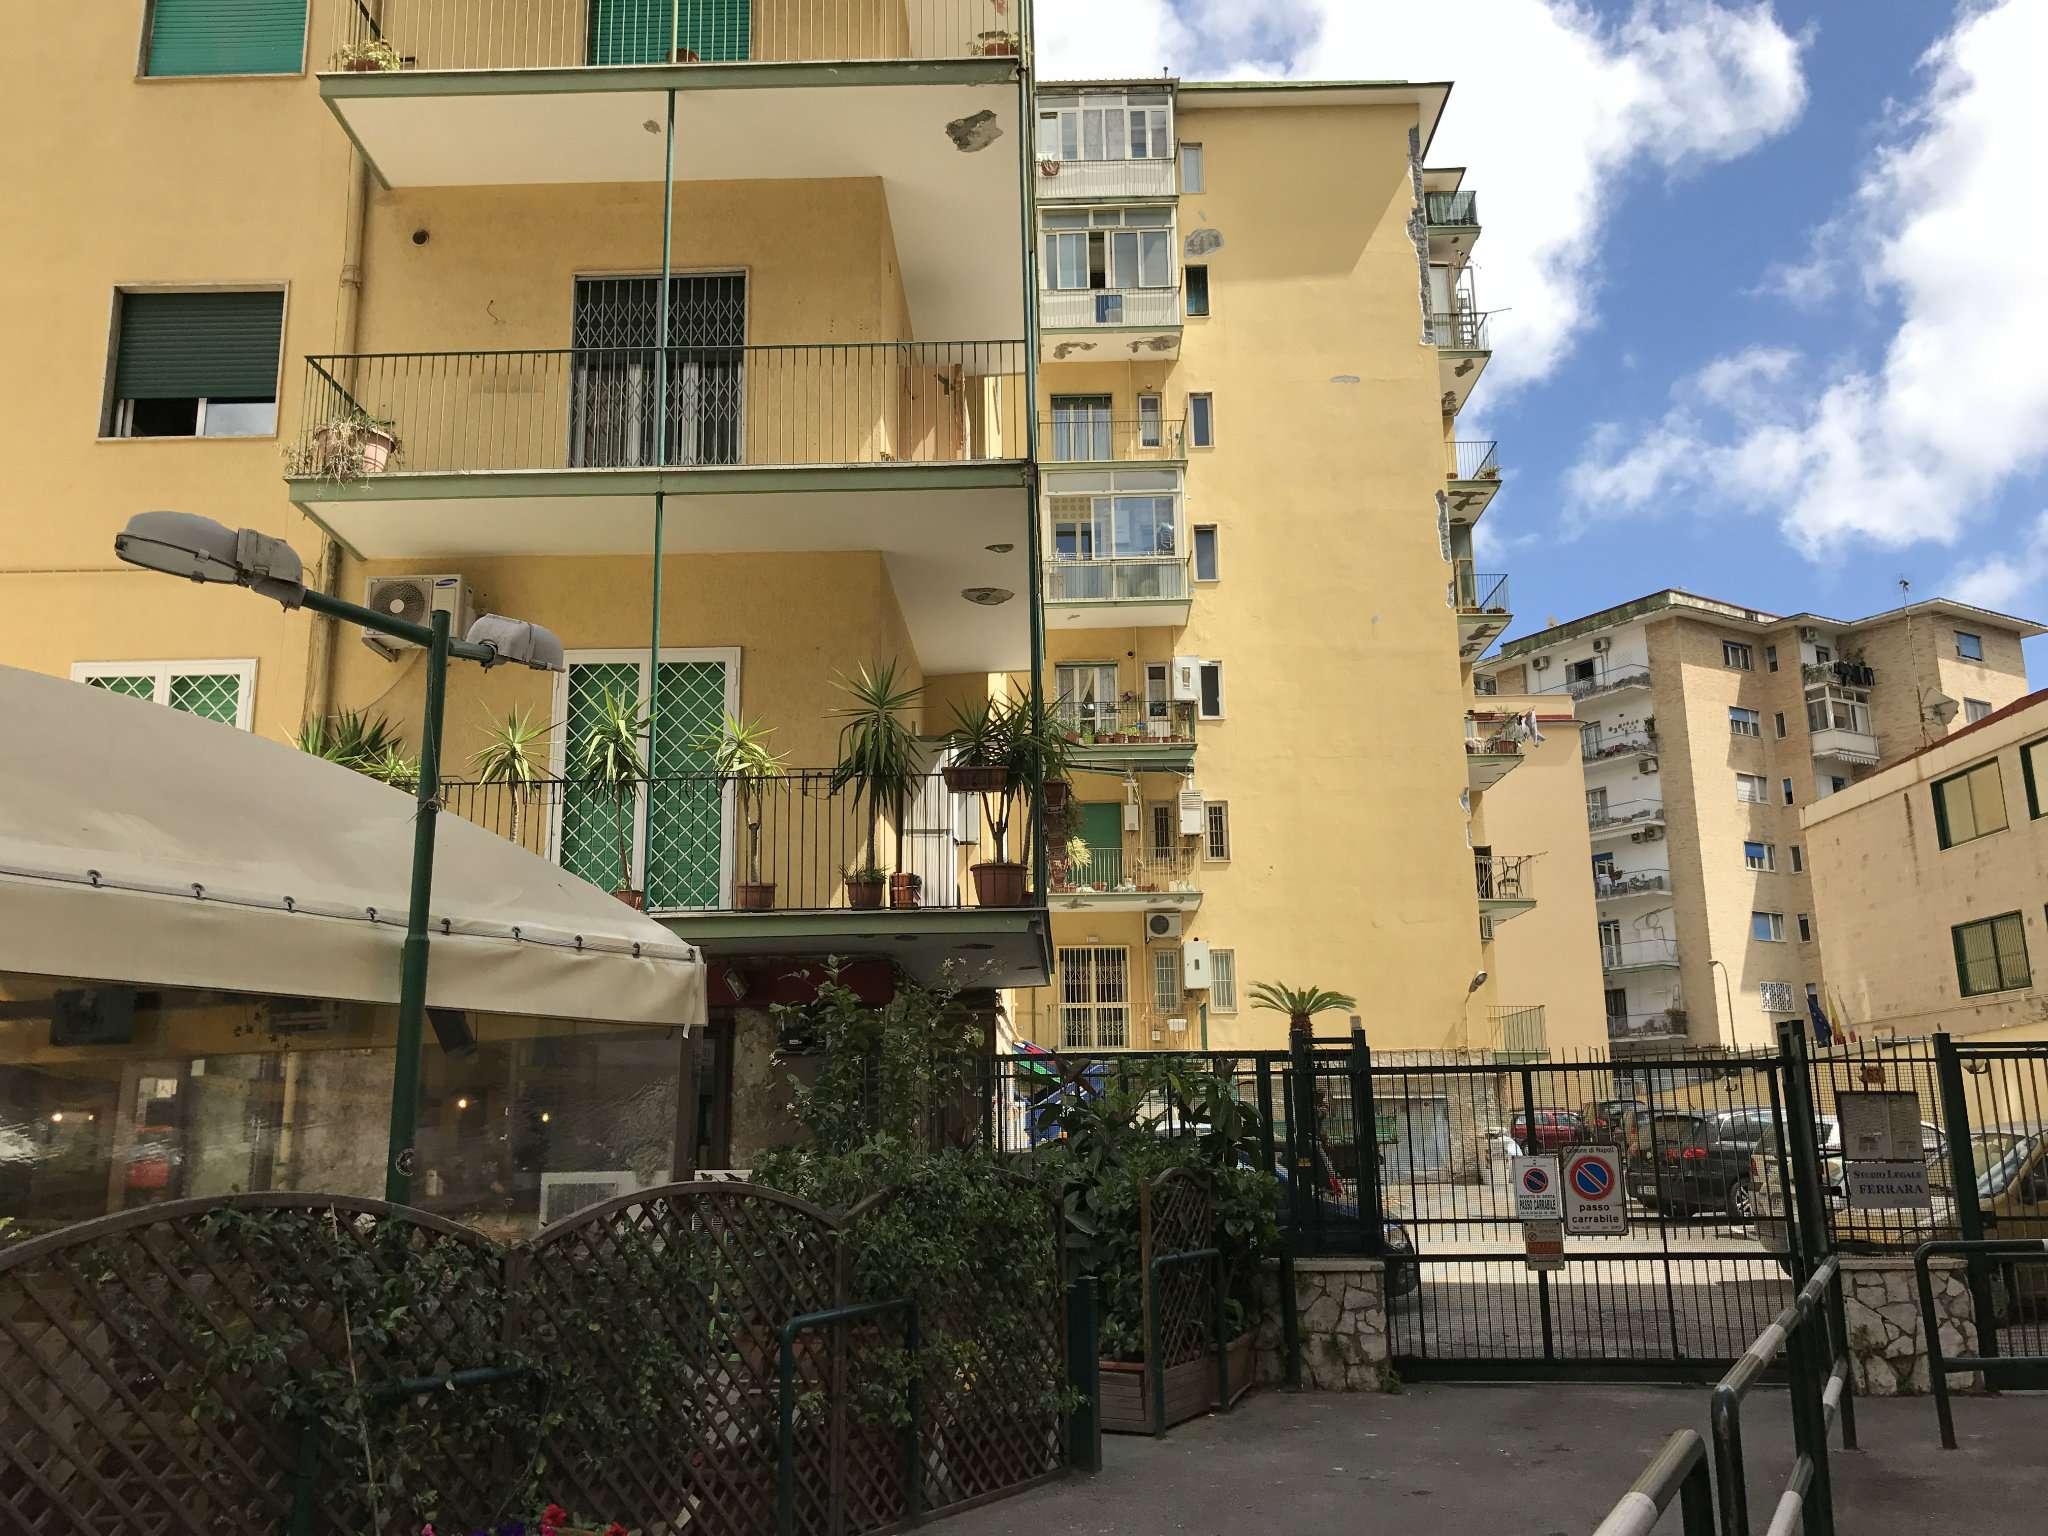 Casa napoli appartamenti e case in vendita for Appartamenti napoli